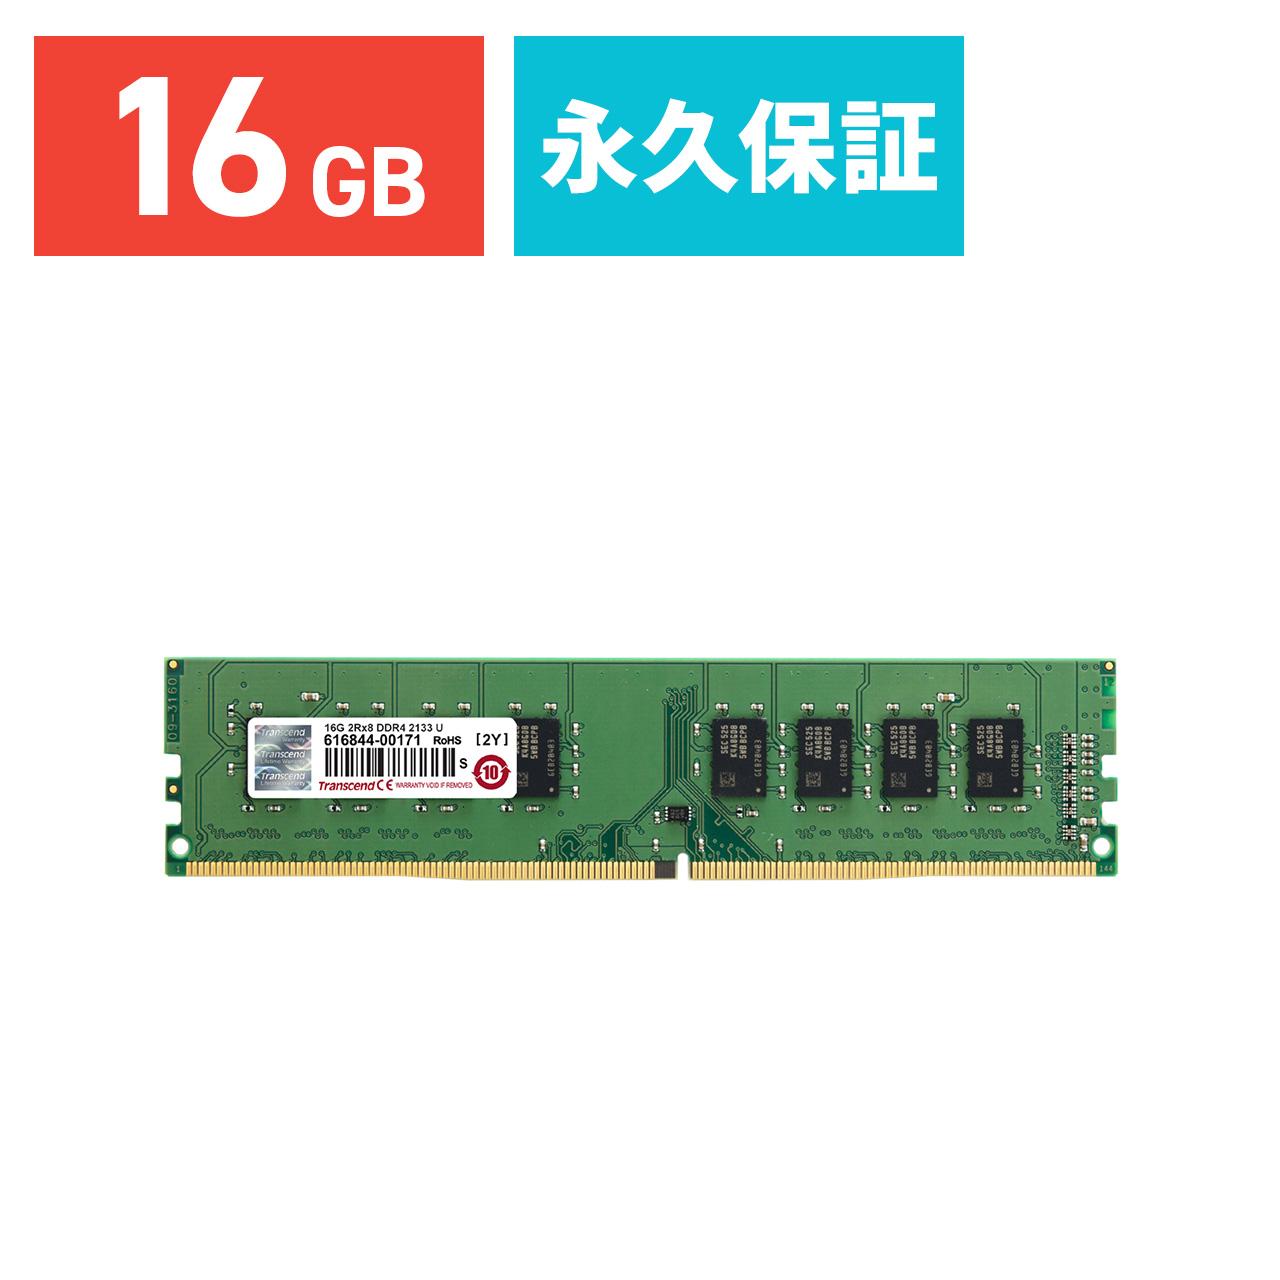 【2月18日値下げしました】Transcend 増設メモリ 16GB デスクトップ用 DDR4-2133 PC4-17000 U-DIMM PCメモリ メモリー モジュール[TS2GLH64V1B]【ネコポス対応】【BOX受取対象商品】【送料無料】